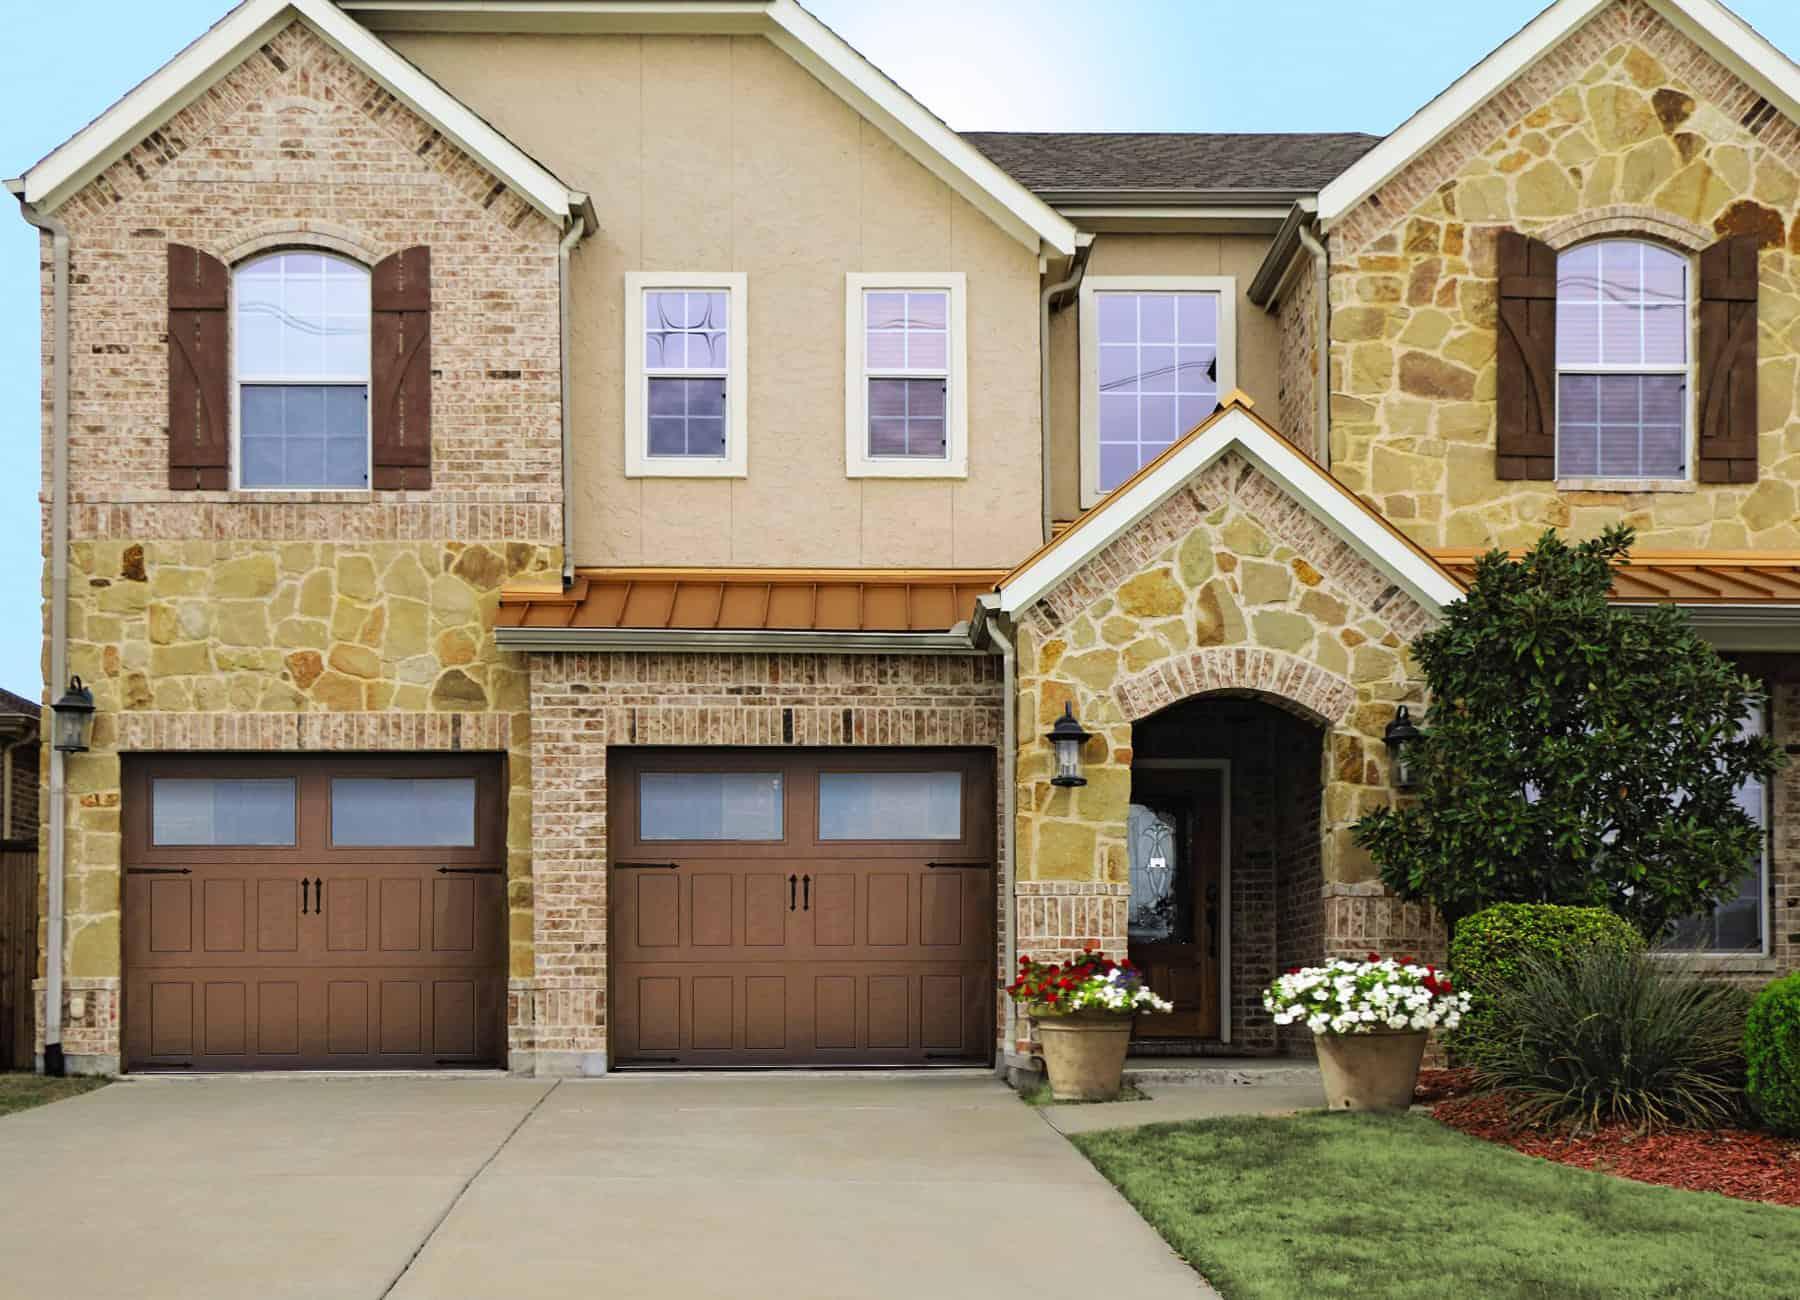 , Impression Steel Garage Doors, Overhead Door Company of Battle Creek Jackson and Ann Arbor